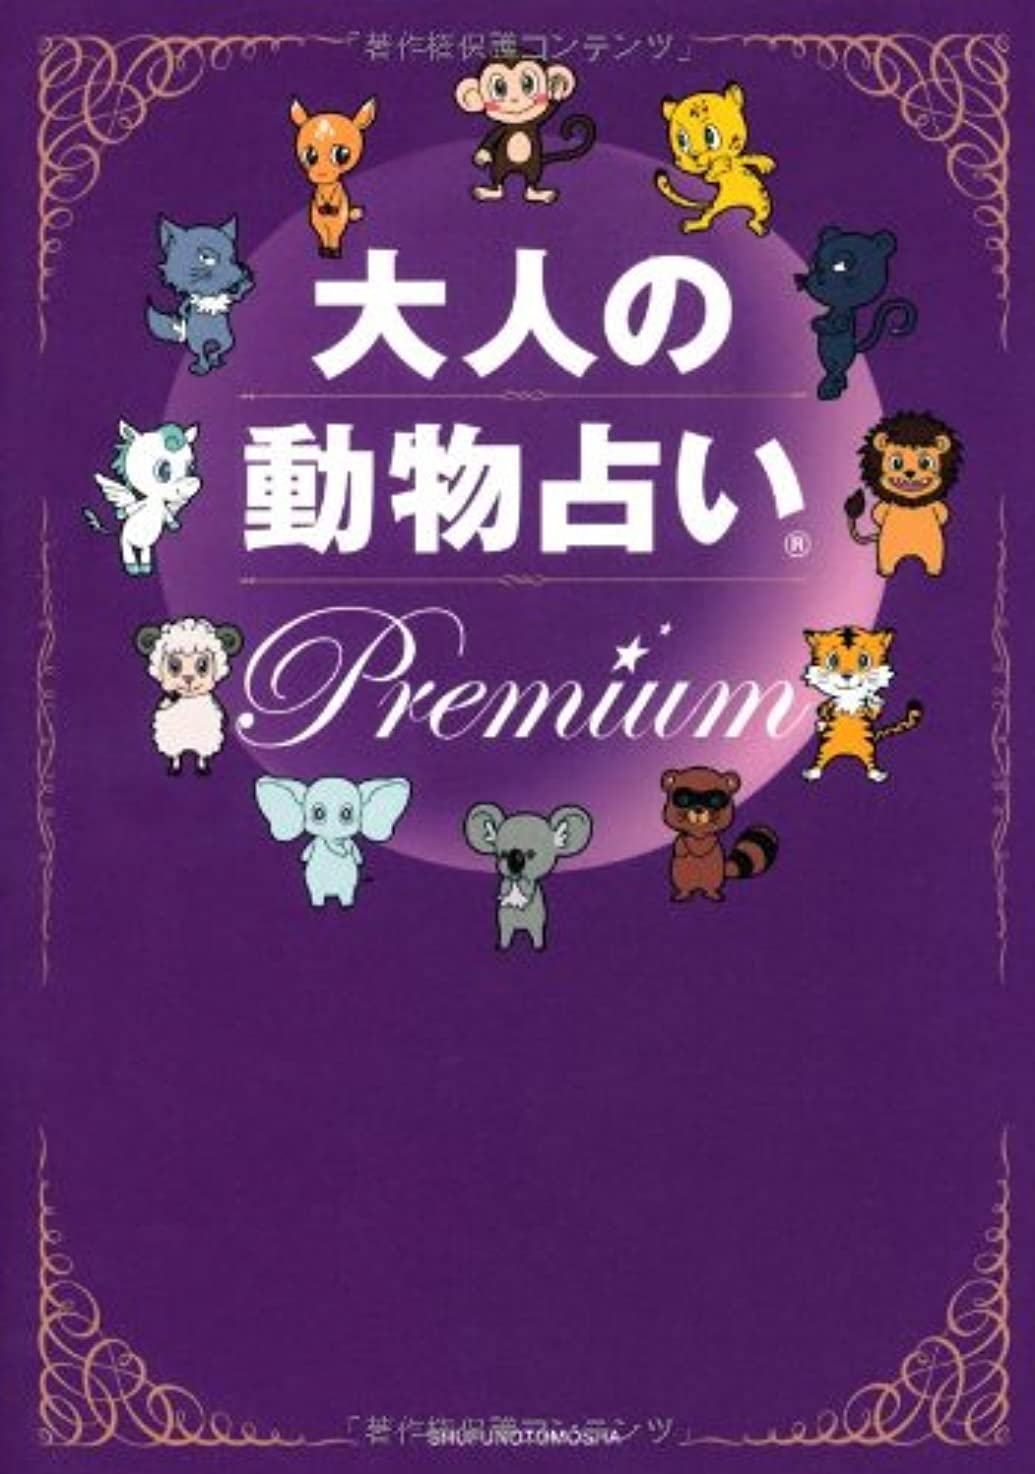 作る関税孤独な大人の動物占い Premium